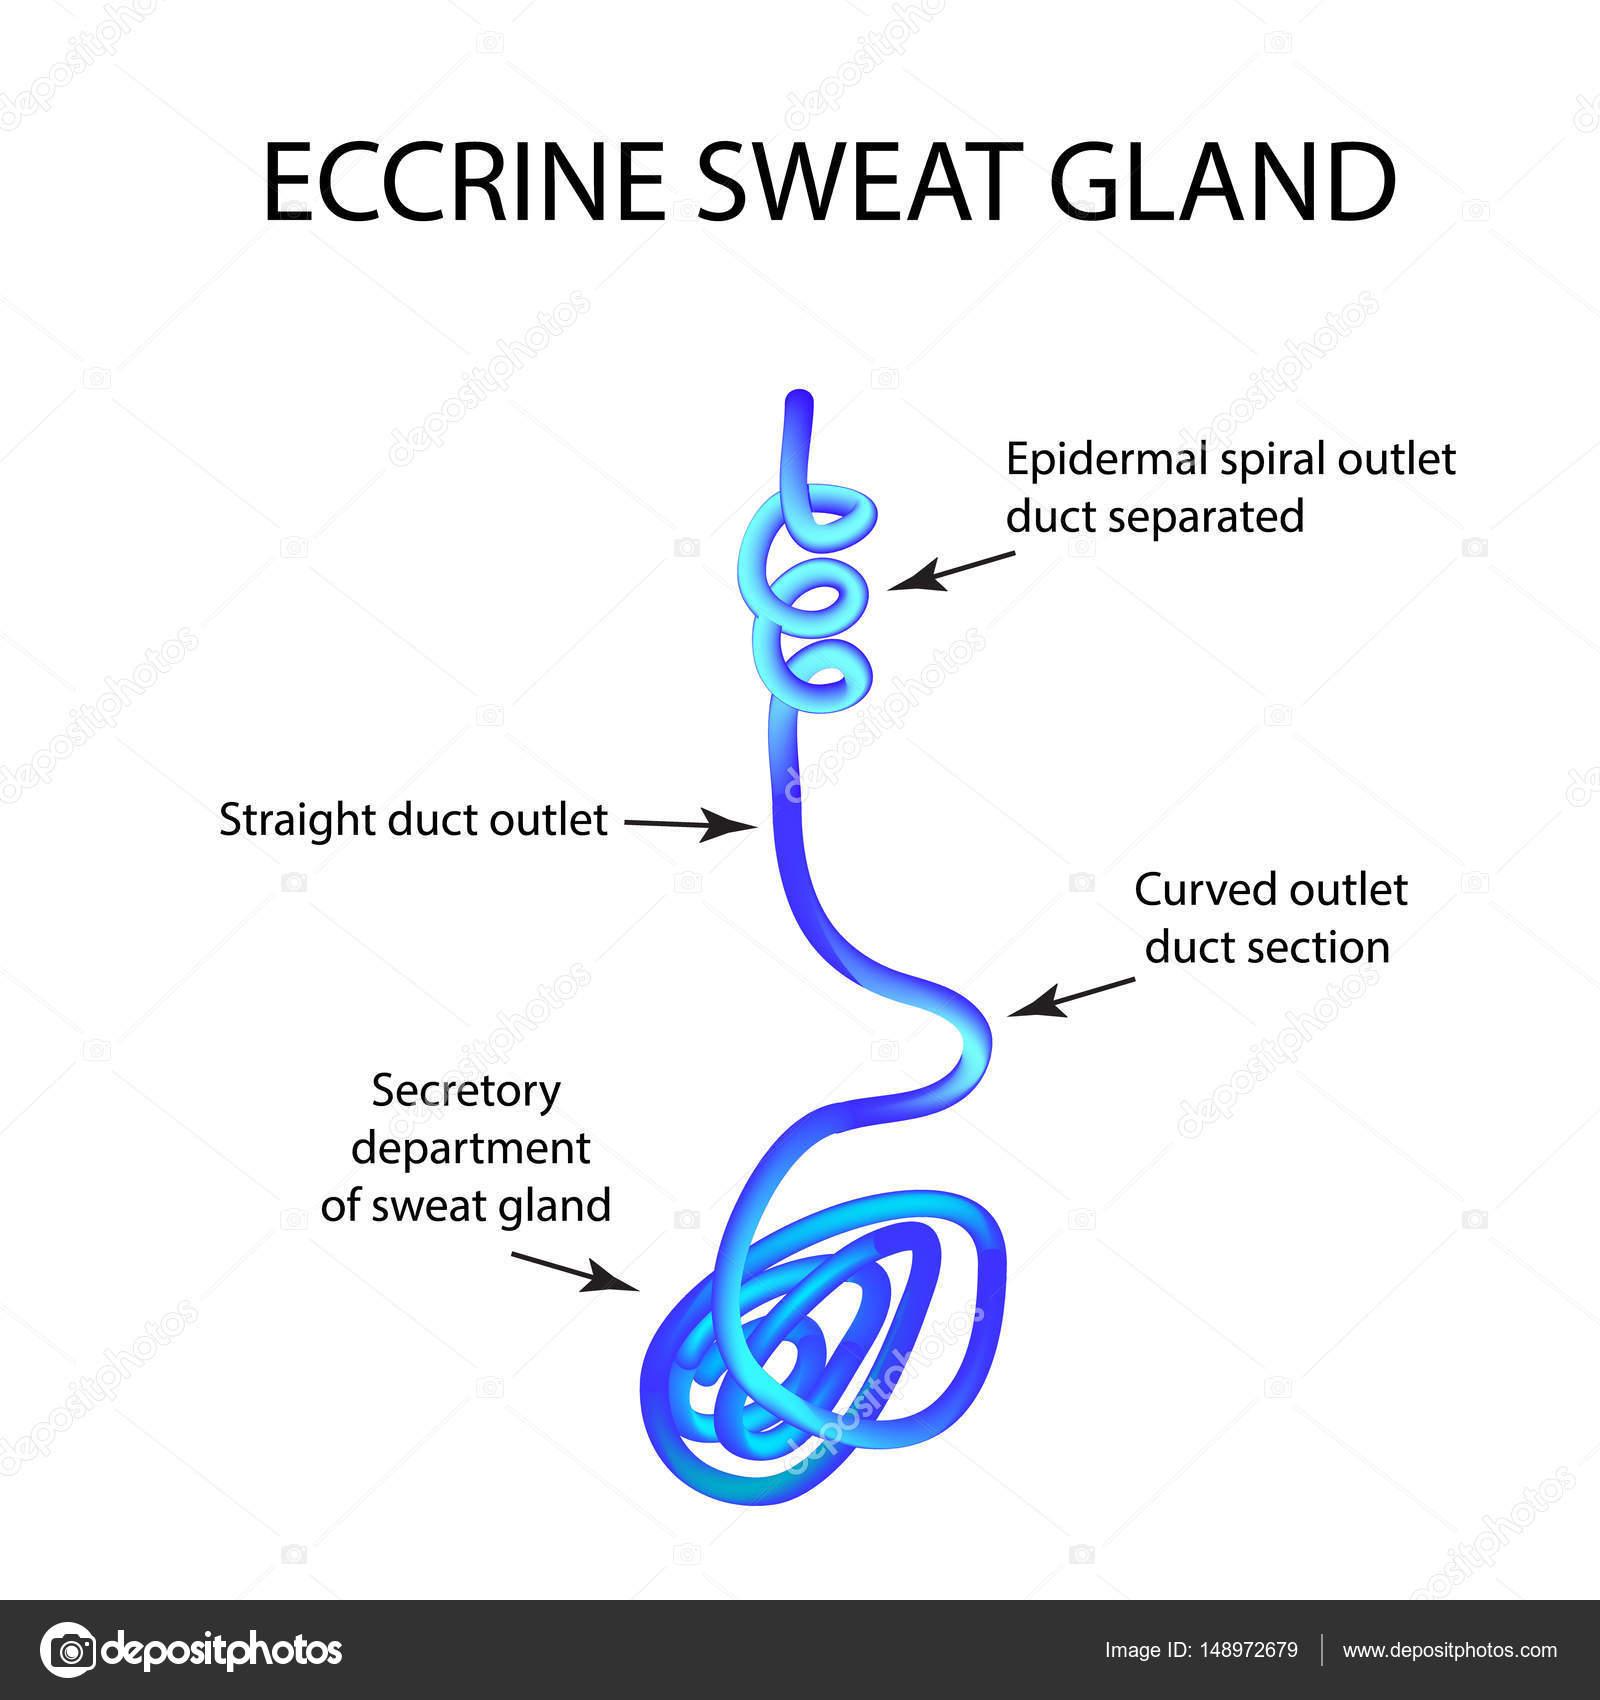 Struktur der Ekkrinen Schweißdrüsen. Infografiken. Vektor ...